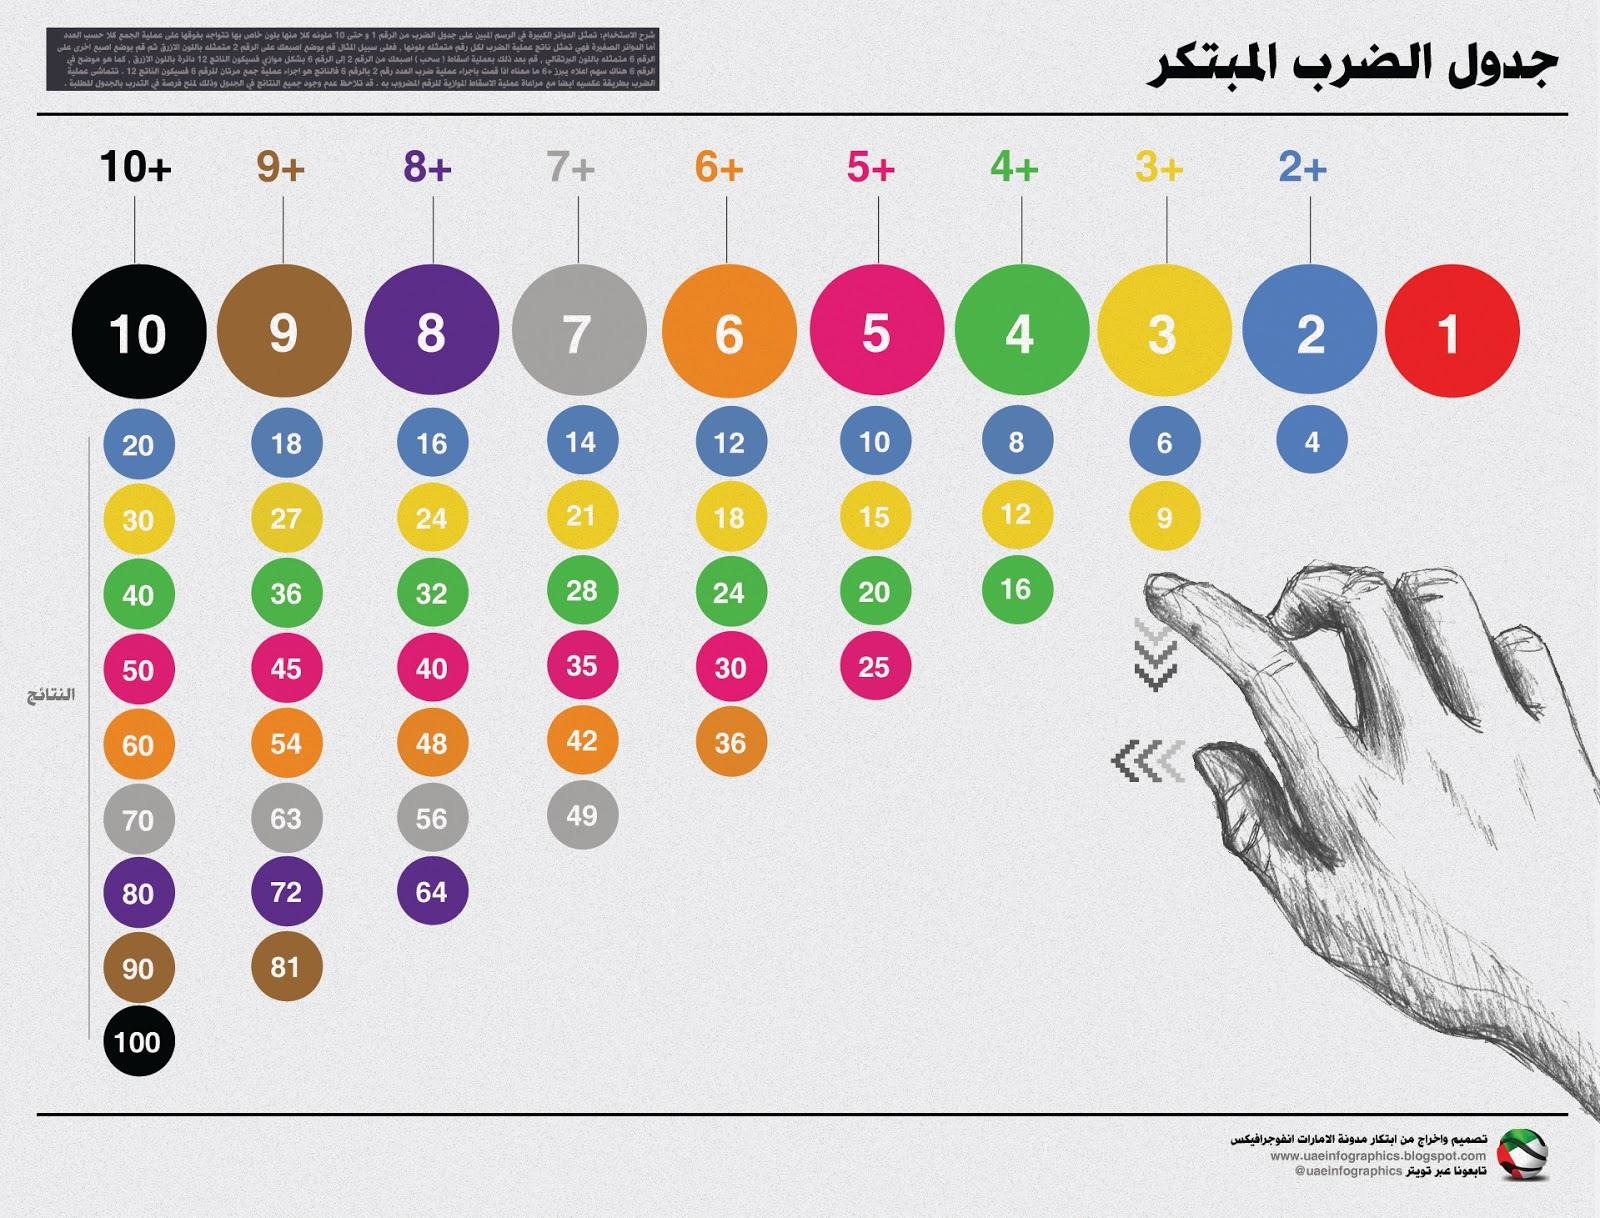 جدول الضرب المبتكر ويكي عربي